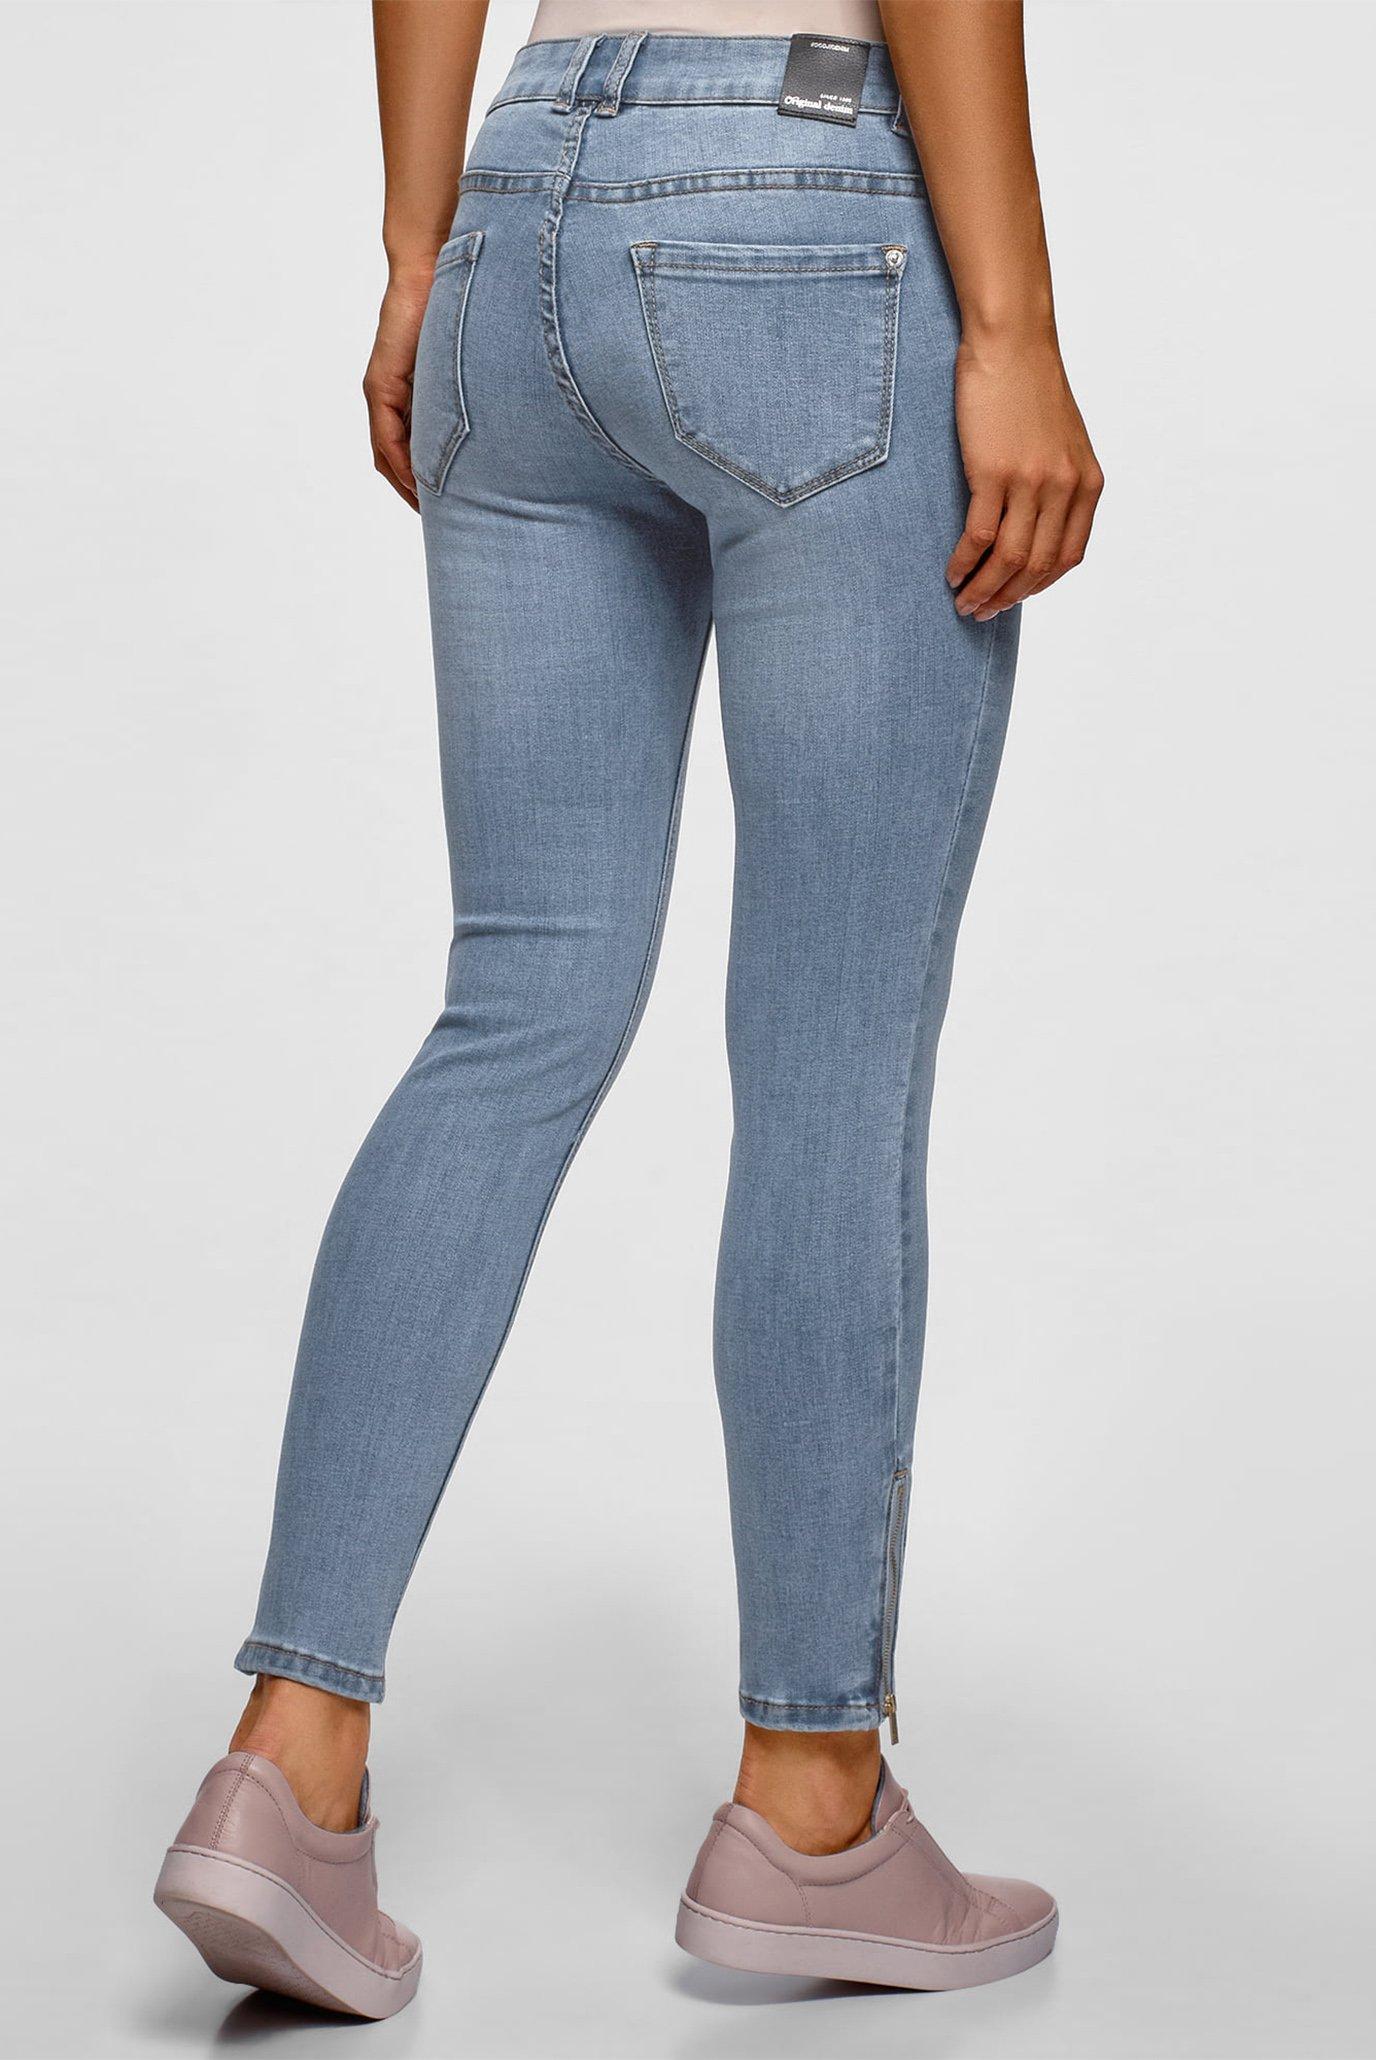 Купить Женские синие джинсы Oodji Oodji 12106150/47546/7000W – Киев, Украина. Цены в интернет магазине MD Fashion